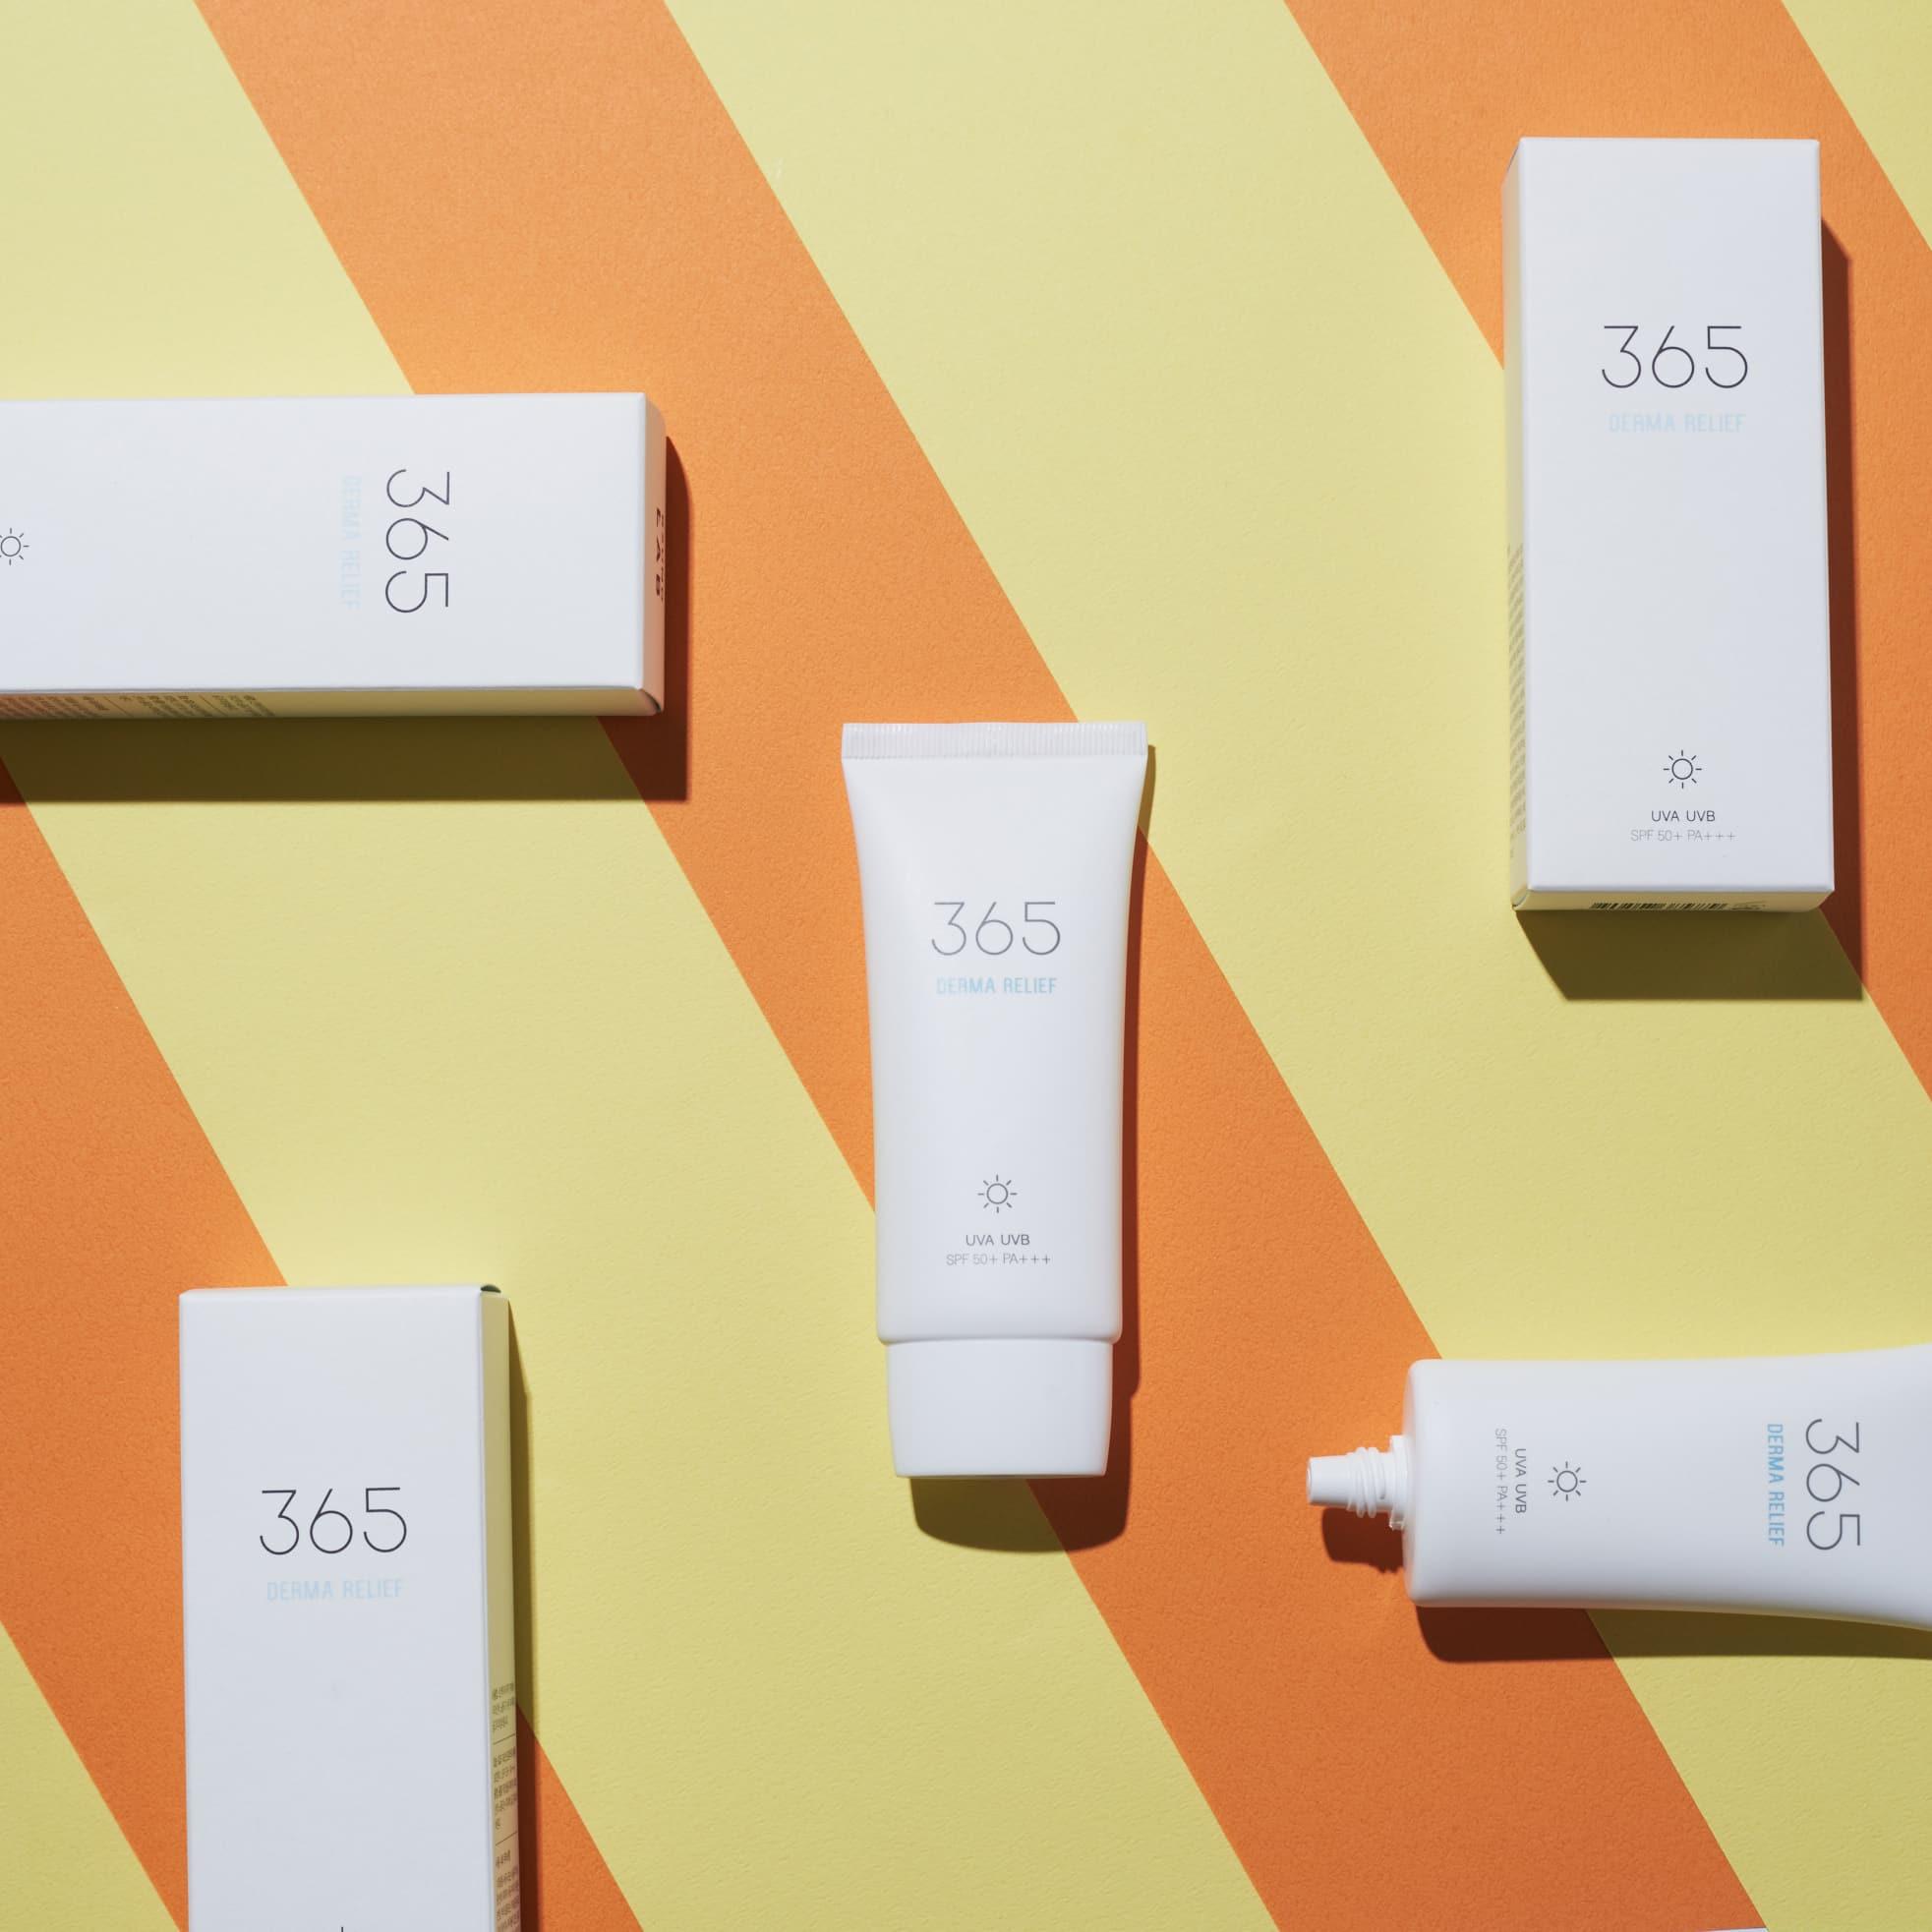 Round Lab 365 Derma Relief Sun cream4.jp